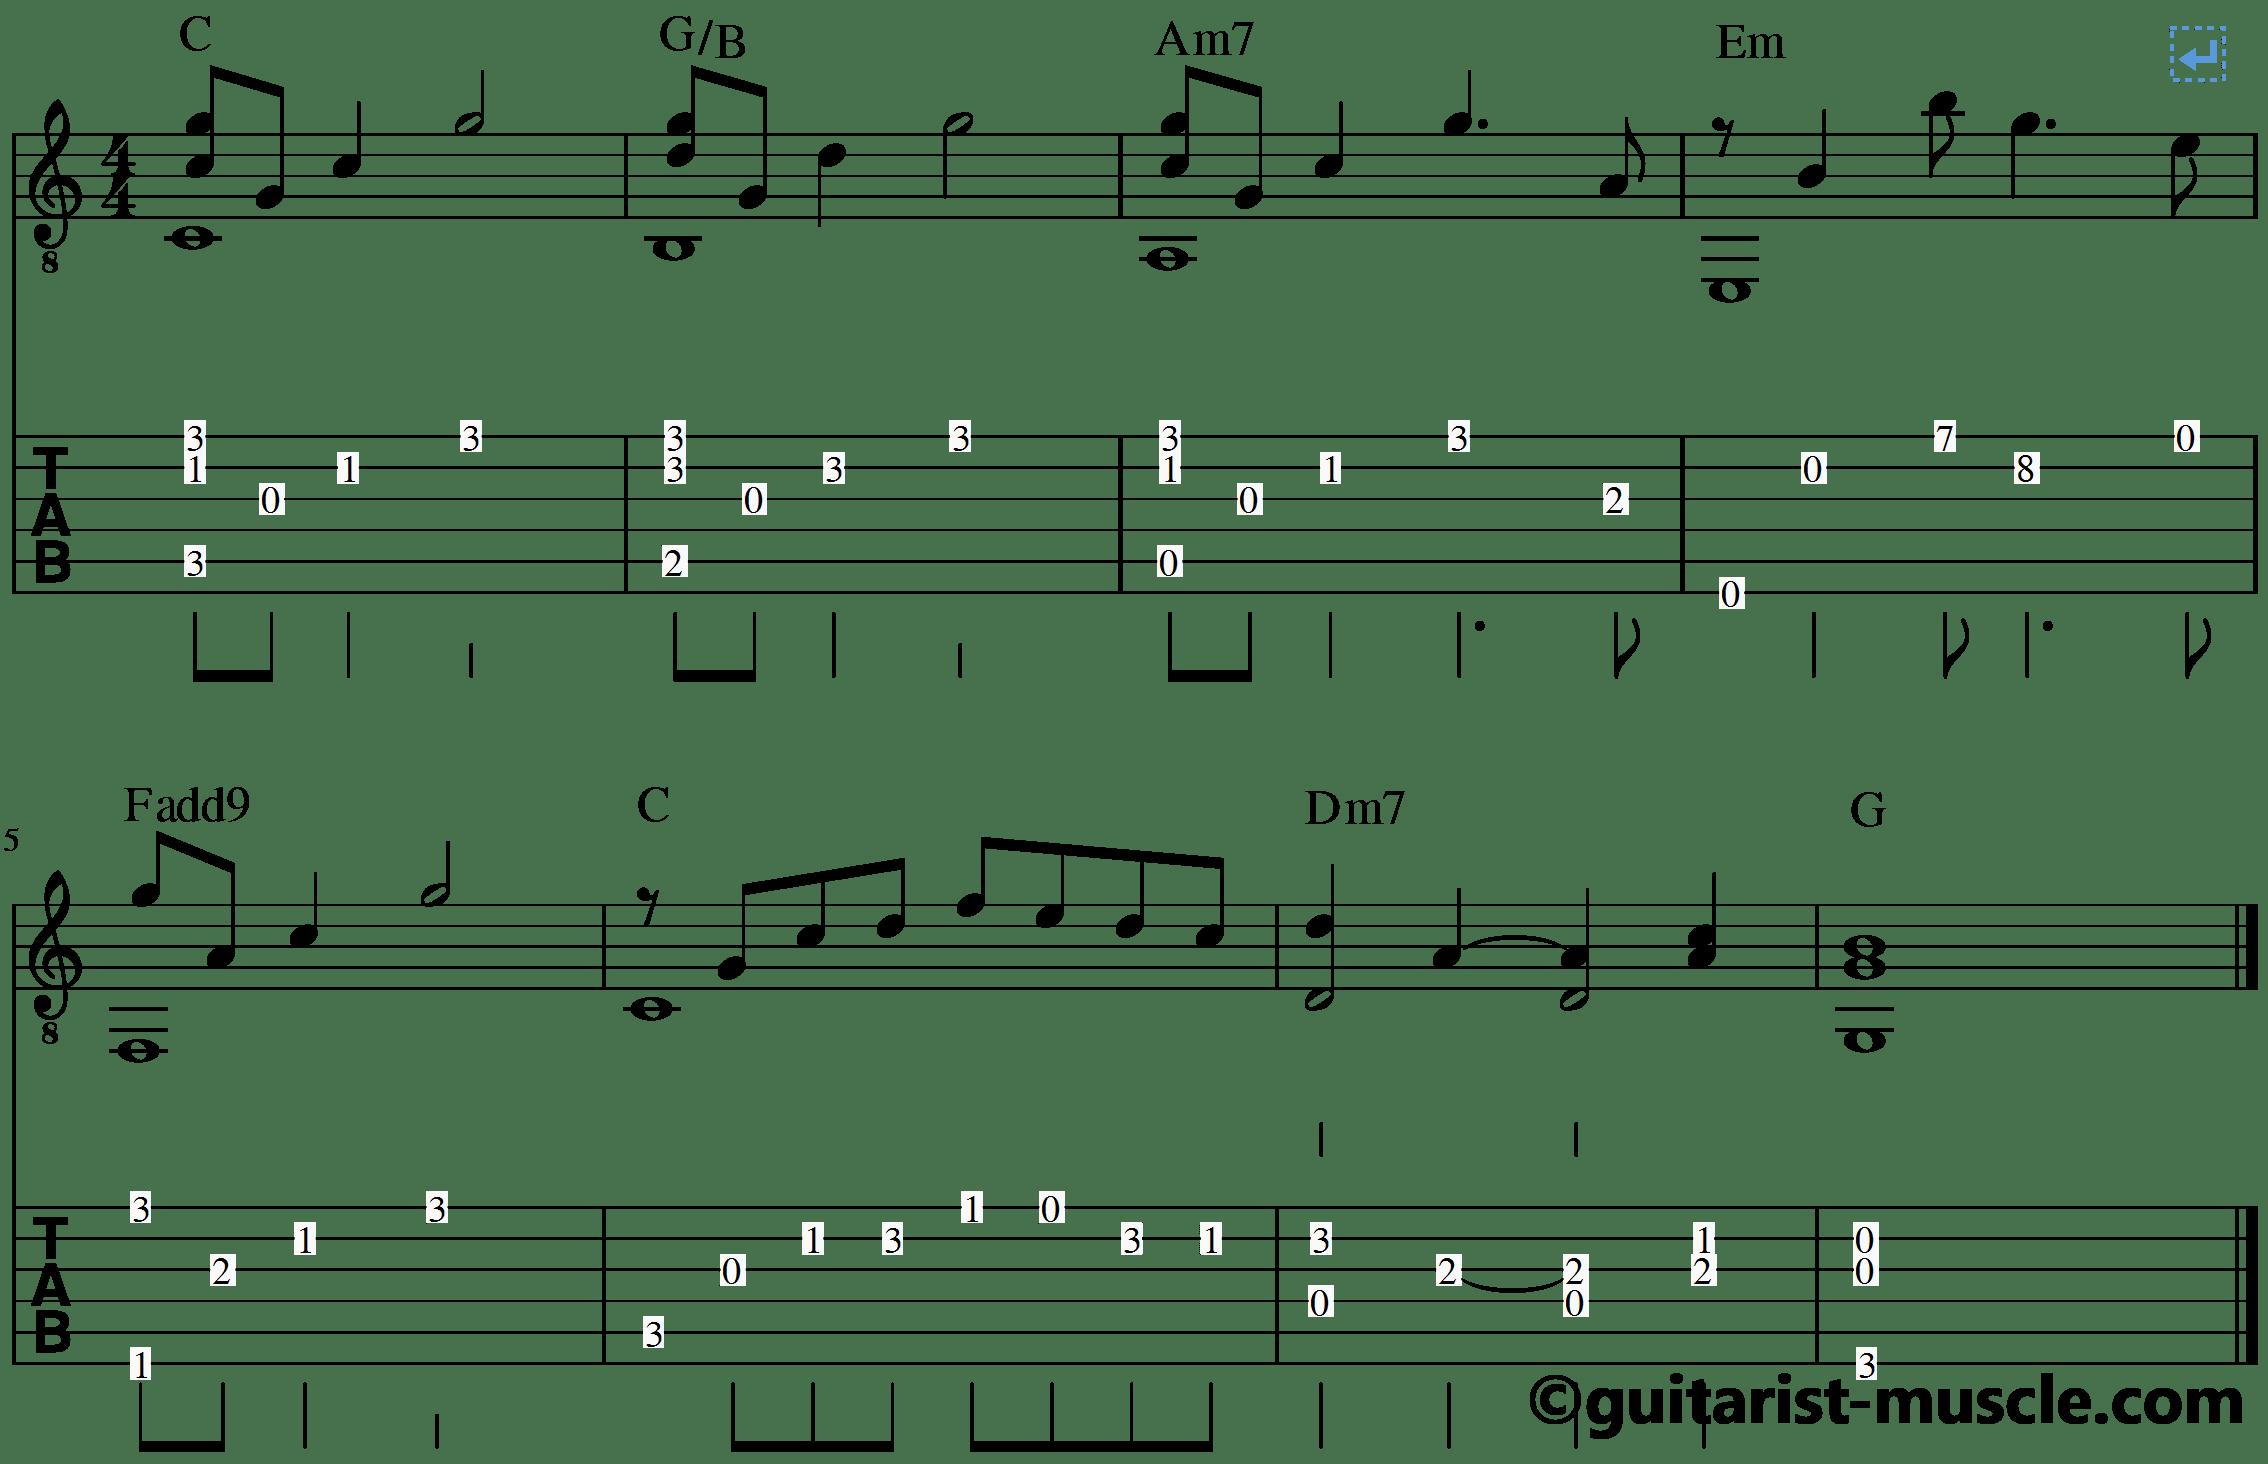 真夏果実風のギターtab譜と楽譜